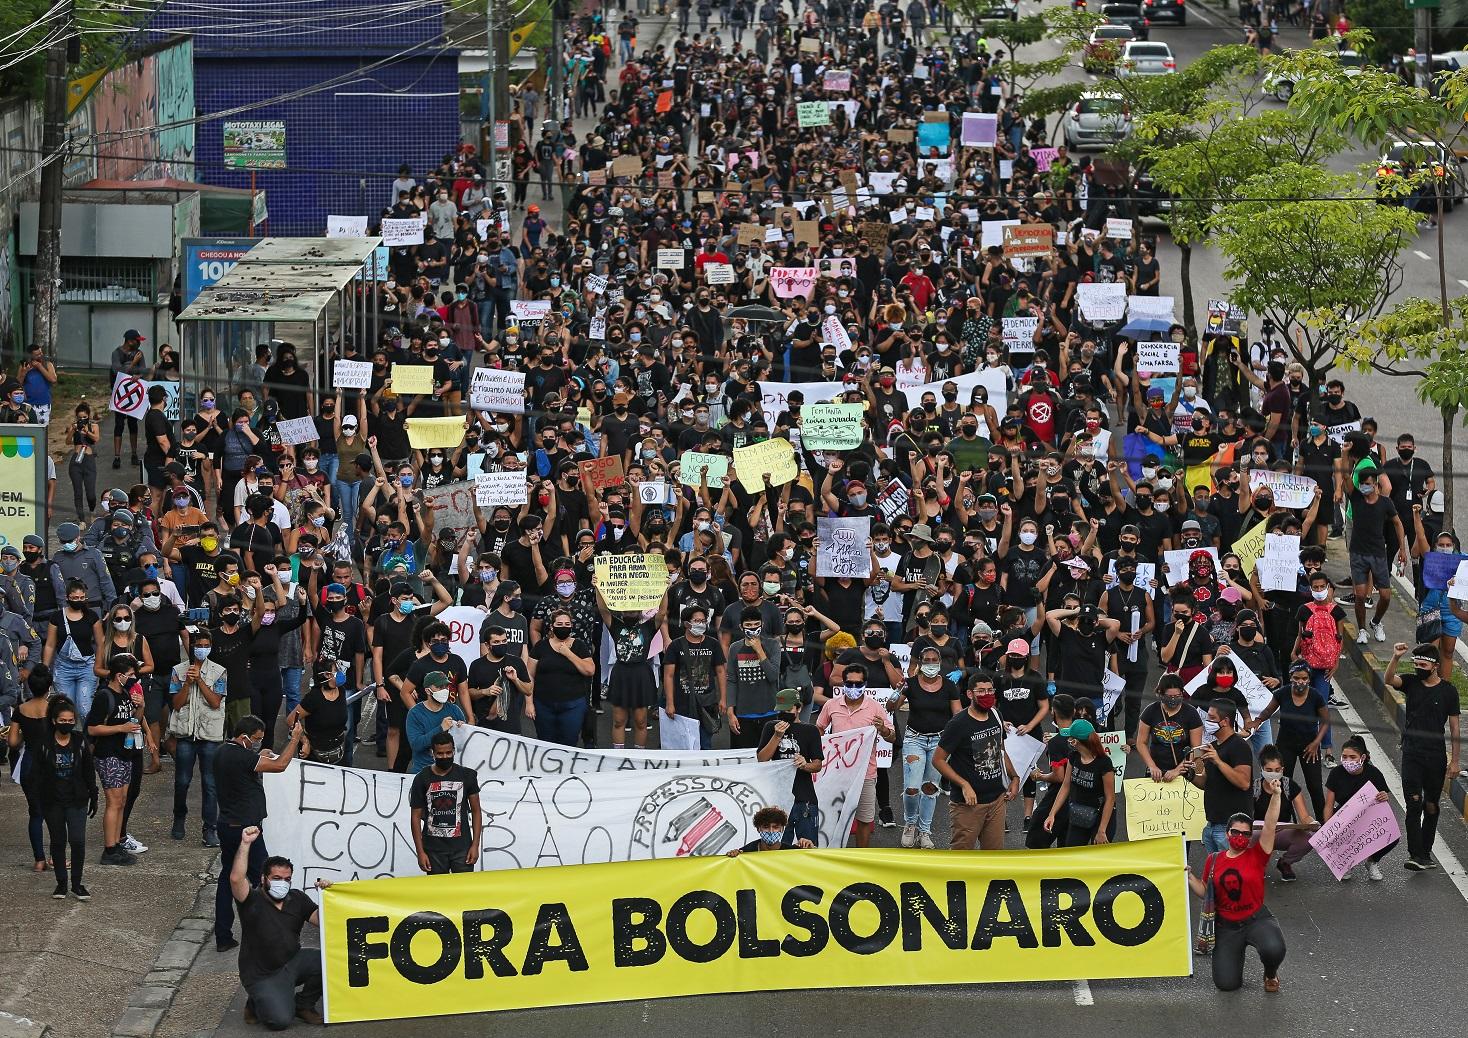 Em Manaus, na marcha anti-fascismo  'Amazonas para a Democracia' manifestantes pedem a saída do presidente Bolsonaro. Foto Michael Dantas/AFP